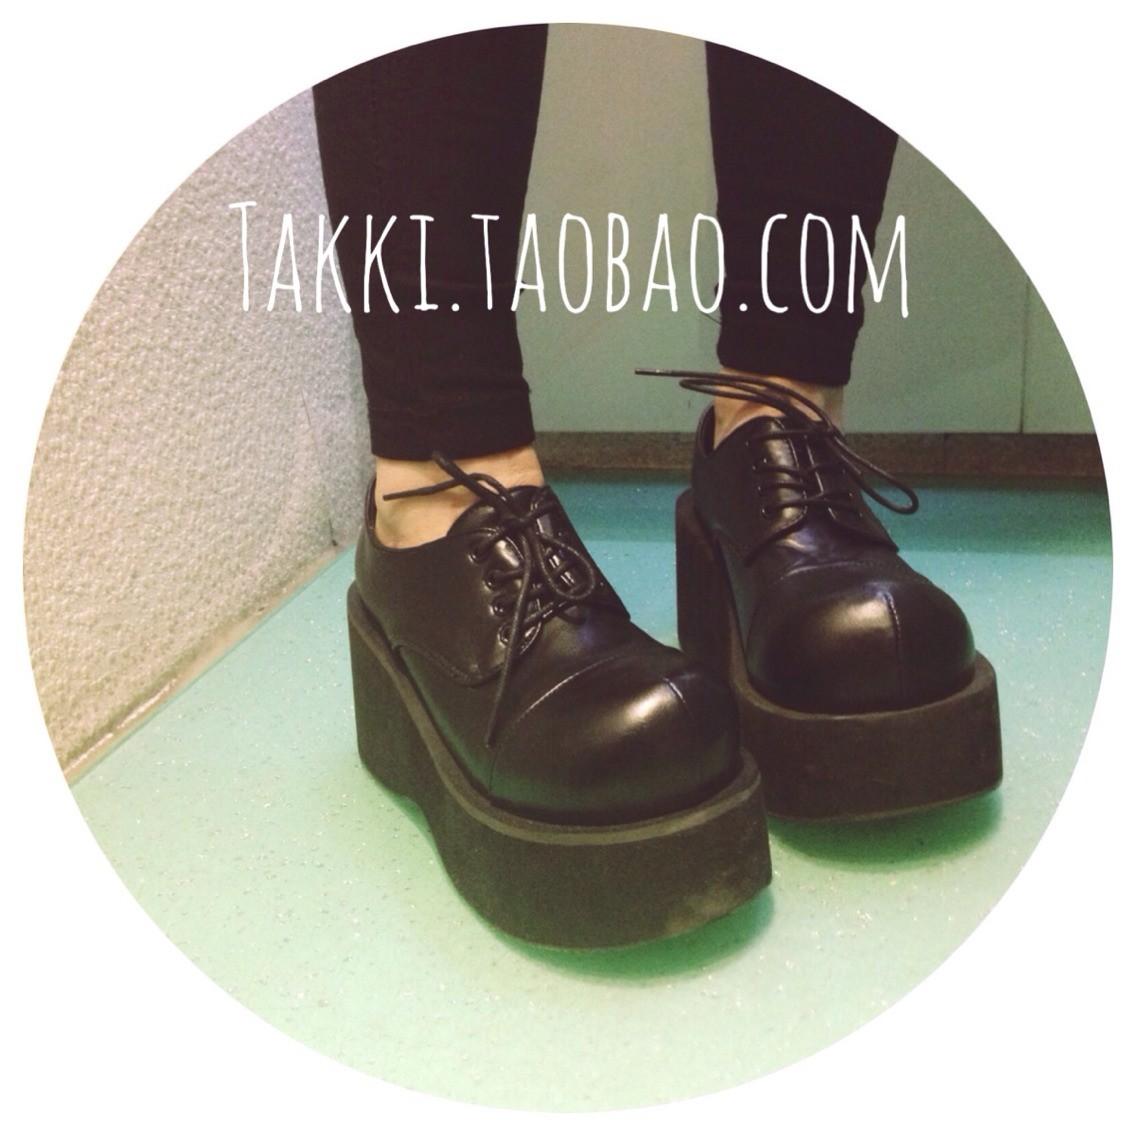 туфли Demonia Harajuku панк-личность и прекрасные большие ботинки ботинки на толстой подошве McDonald's